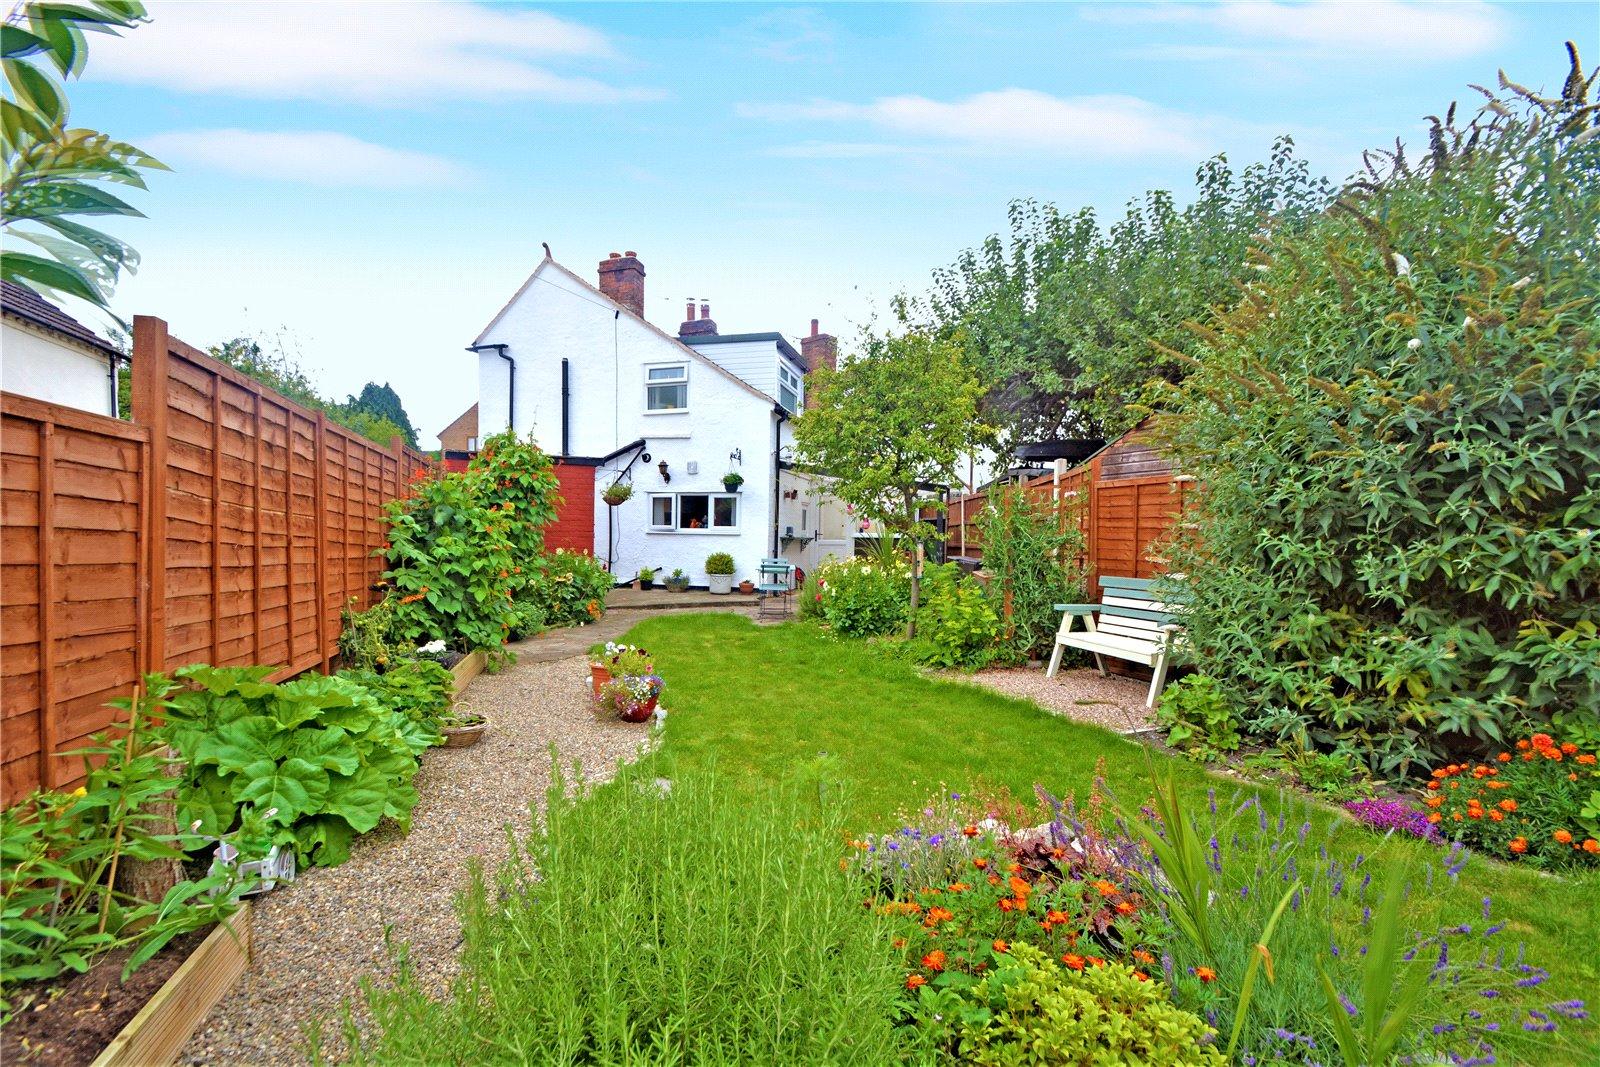 Sunnyside Cottage, 13 Hockley Road, Broseley, Shropshire, TF12